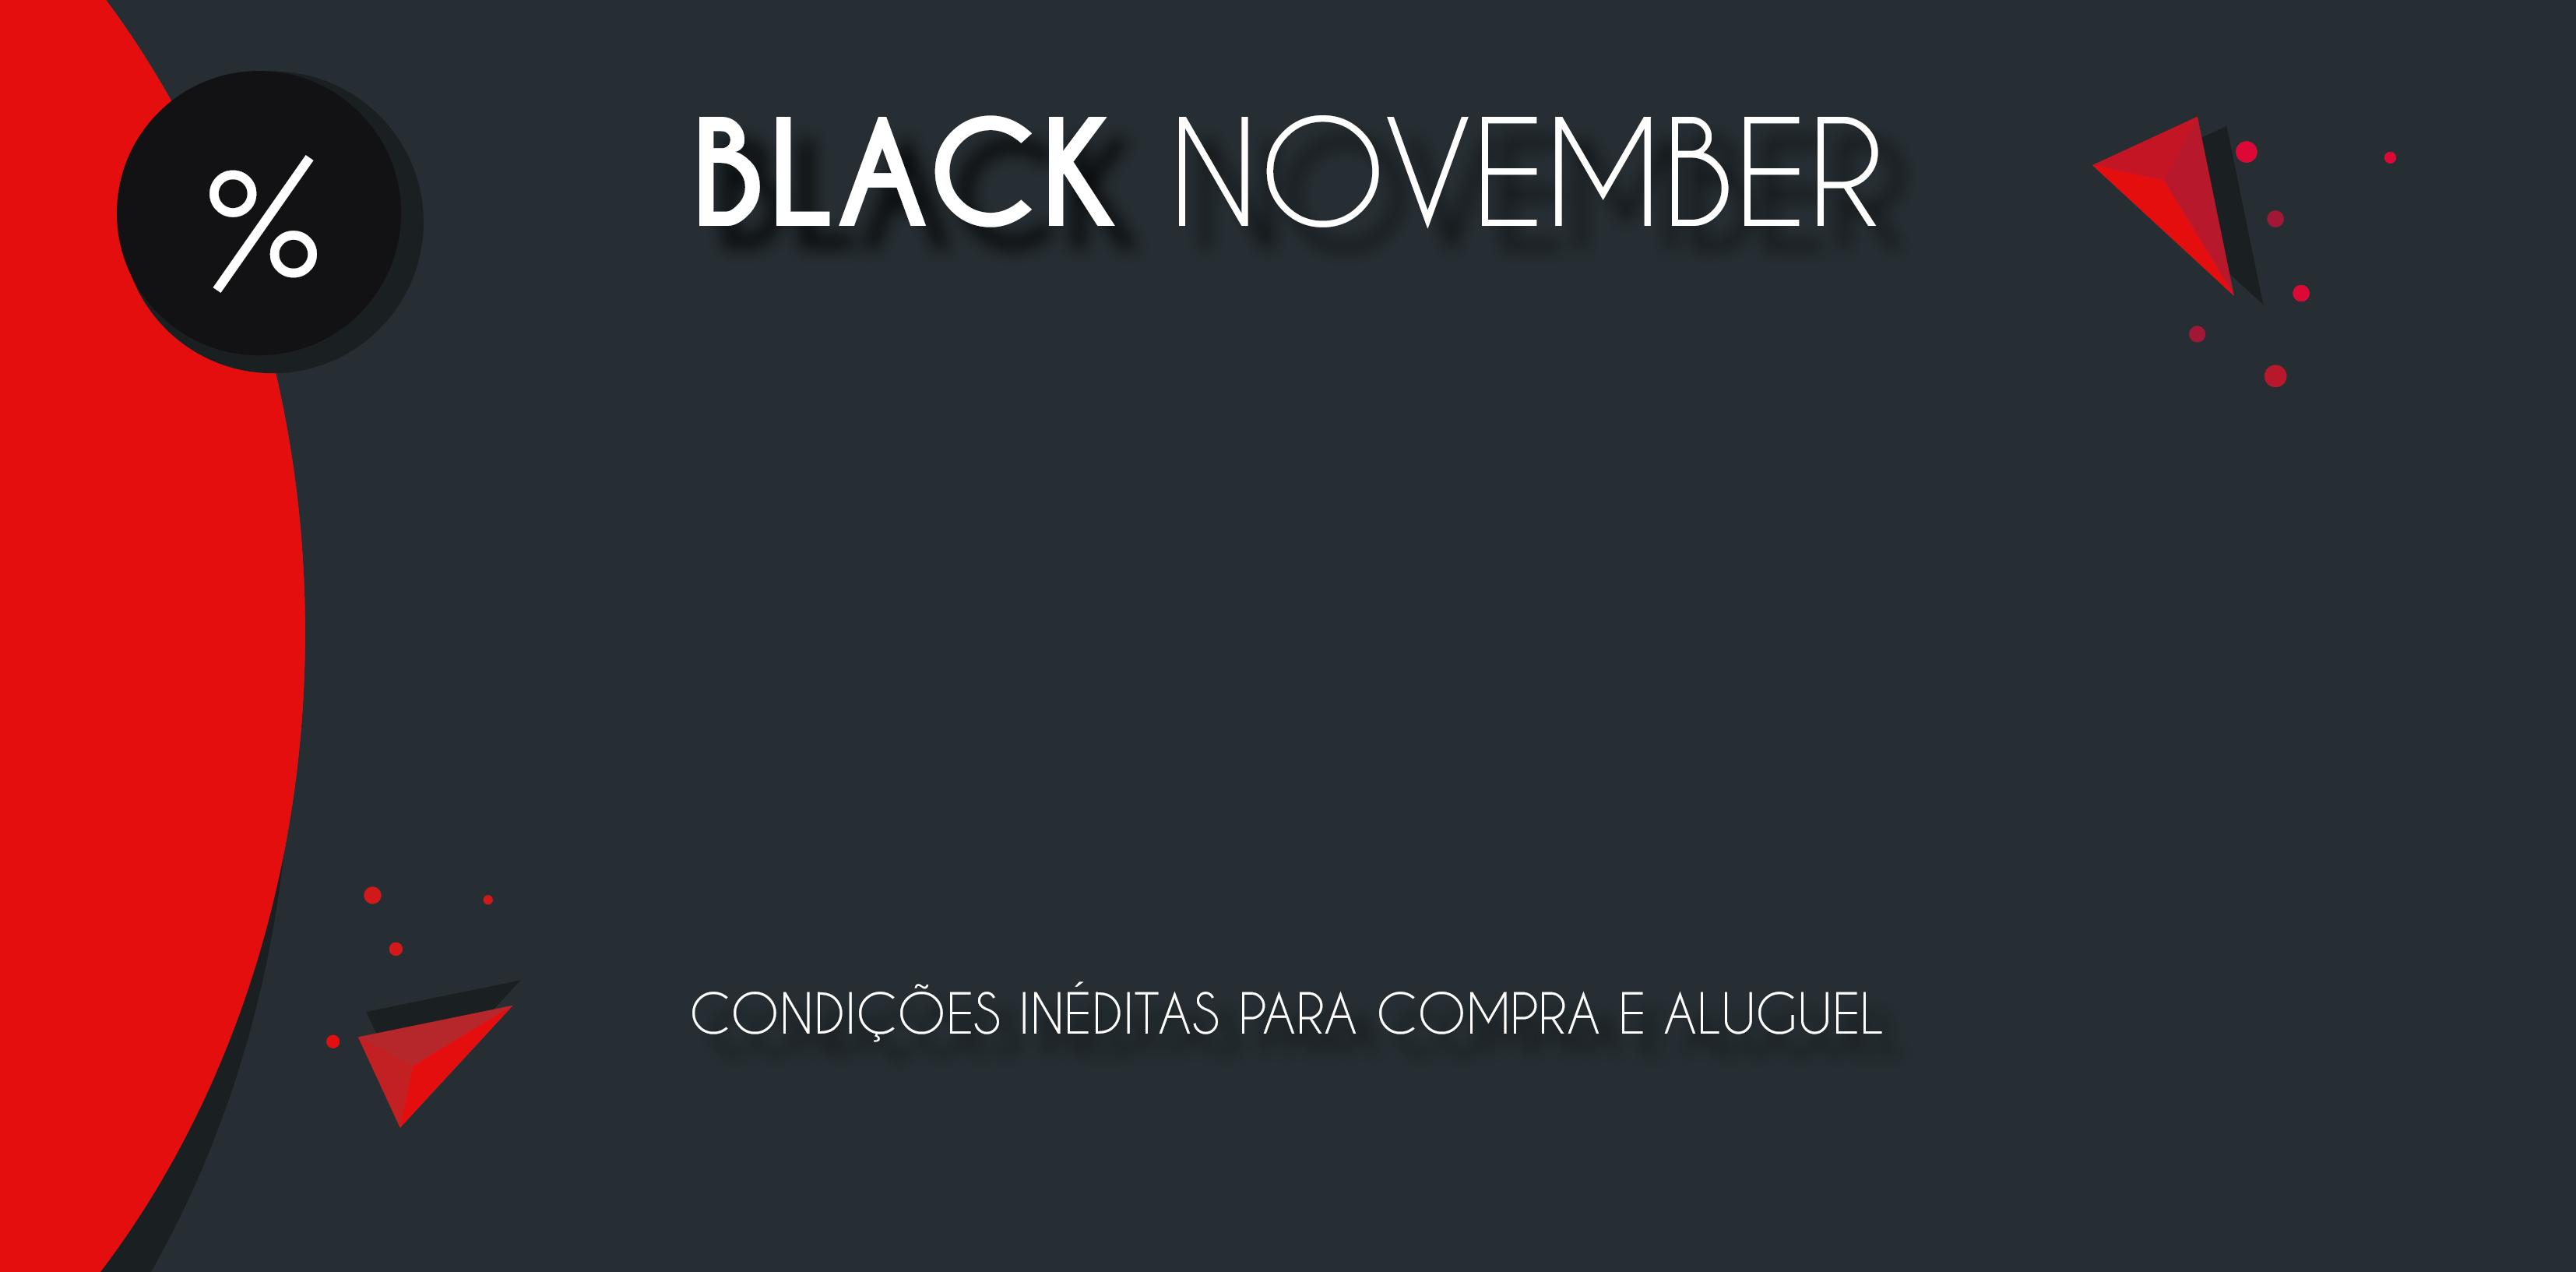 Black November - Mírian Dayrell Imóveis